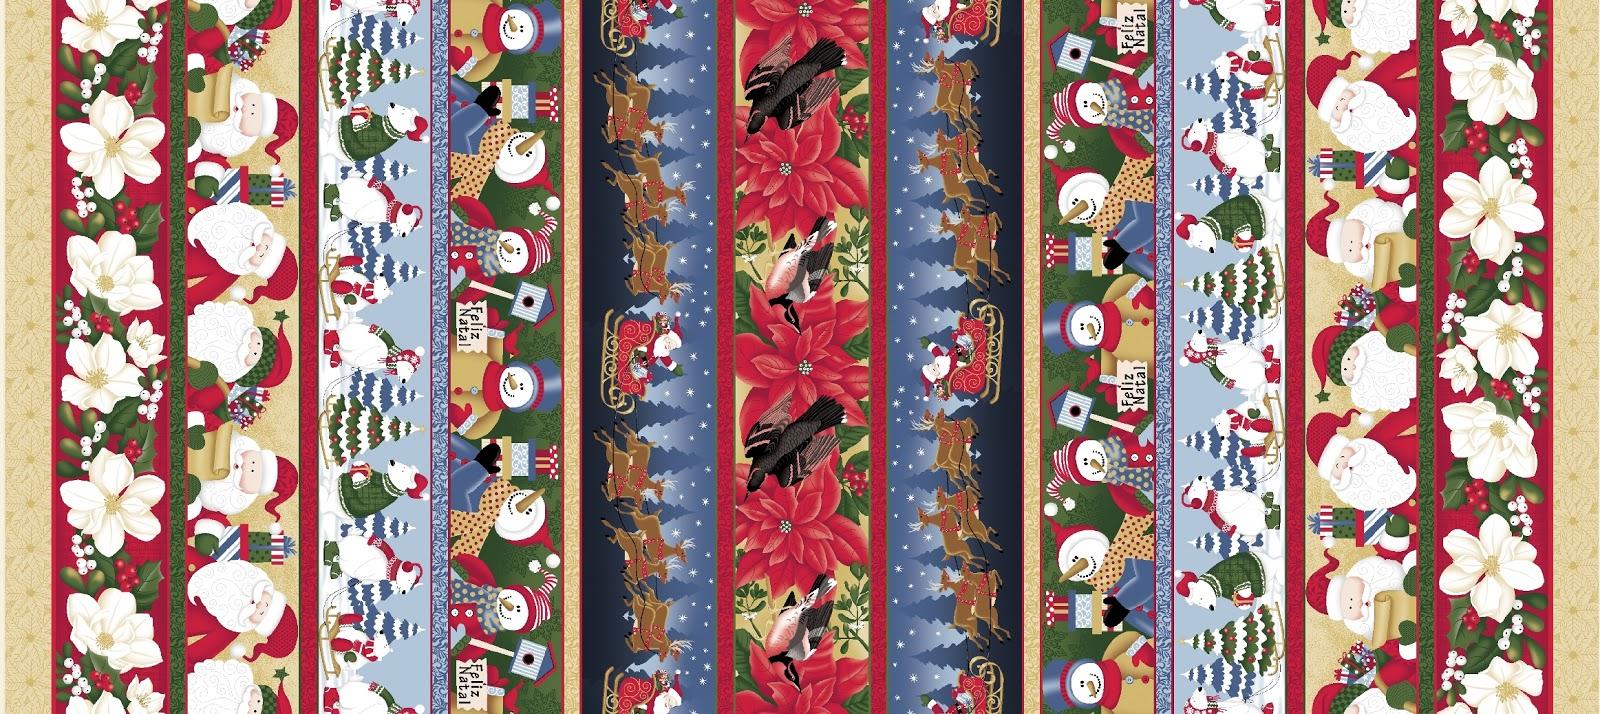 Картинки, фоны для декупажа и упаковки новогодних подарков (2)